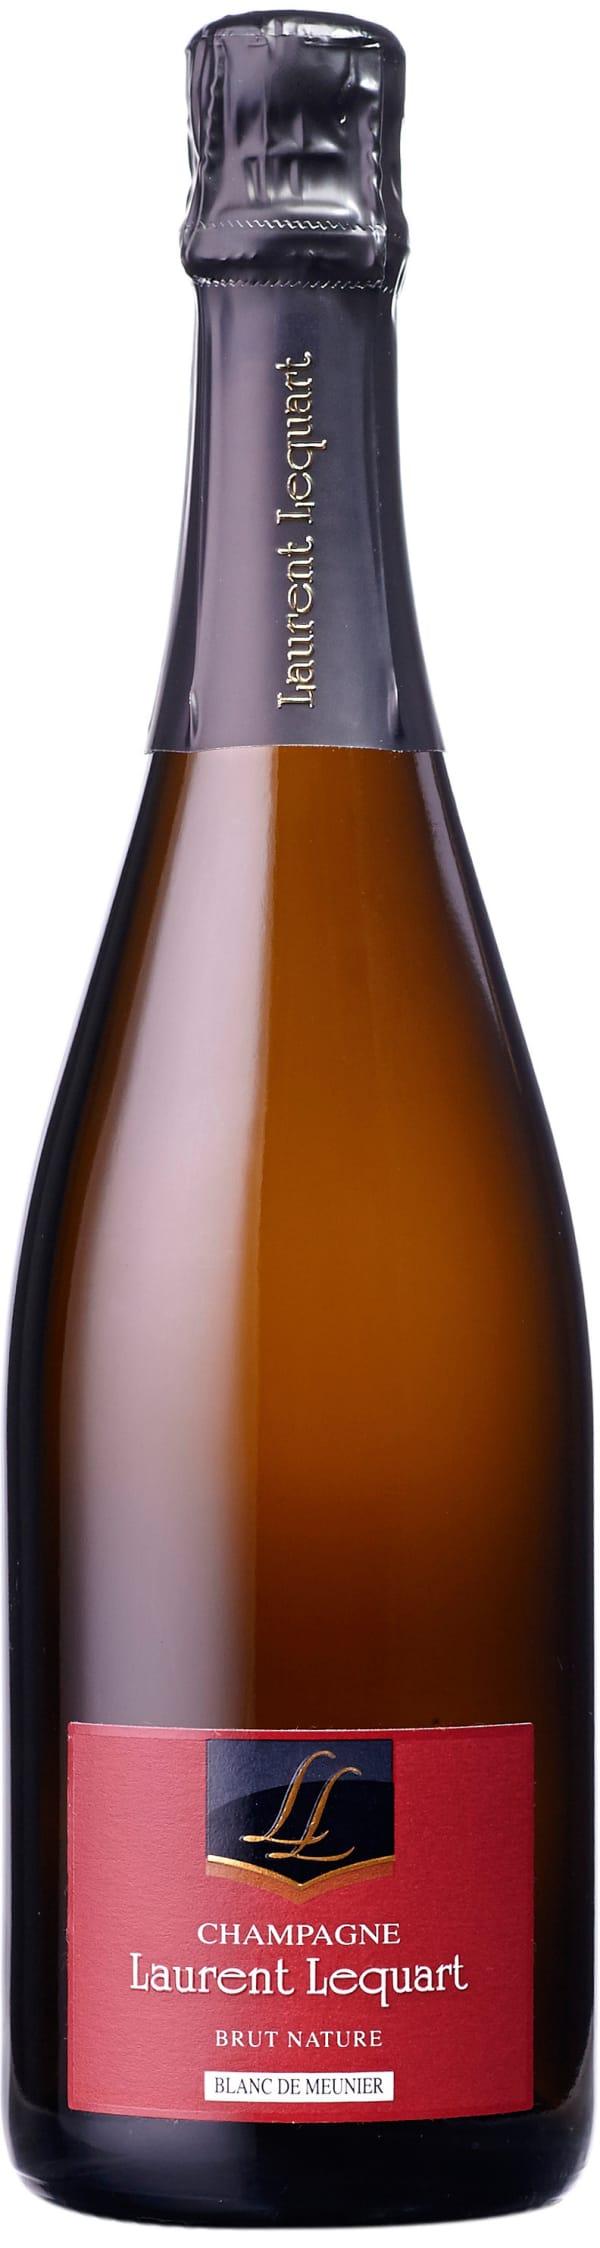 Laurent Lequart Blanc de Meunier Champagne Brut Nature